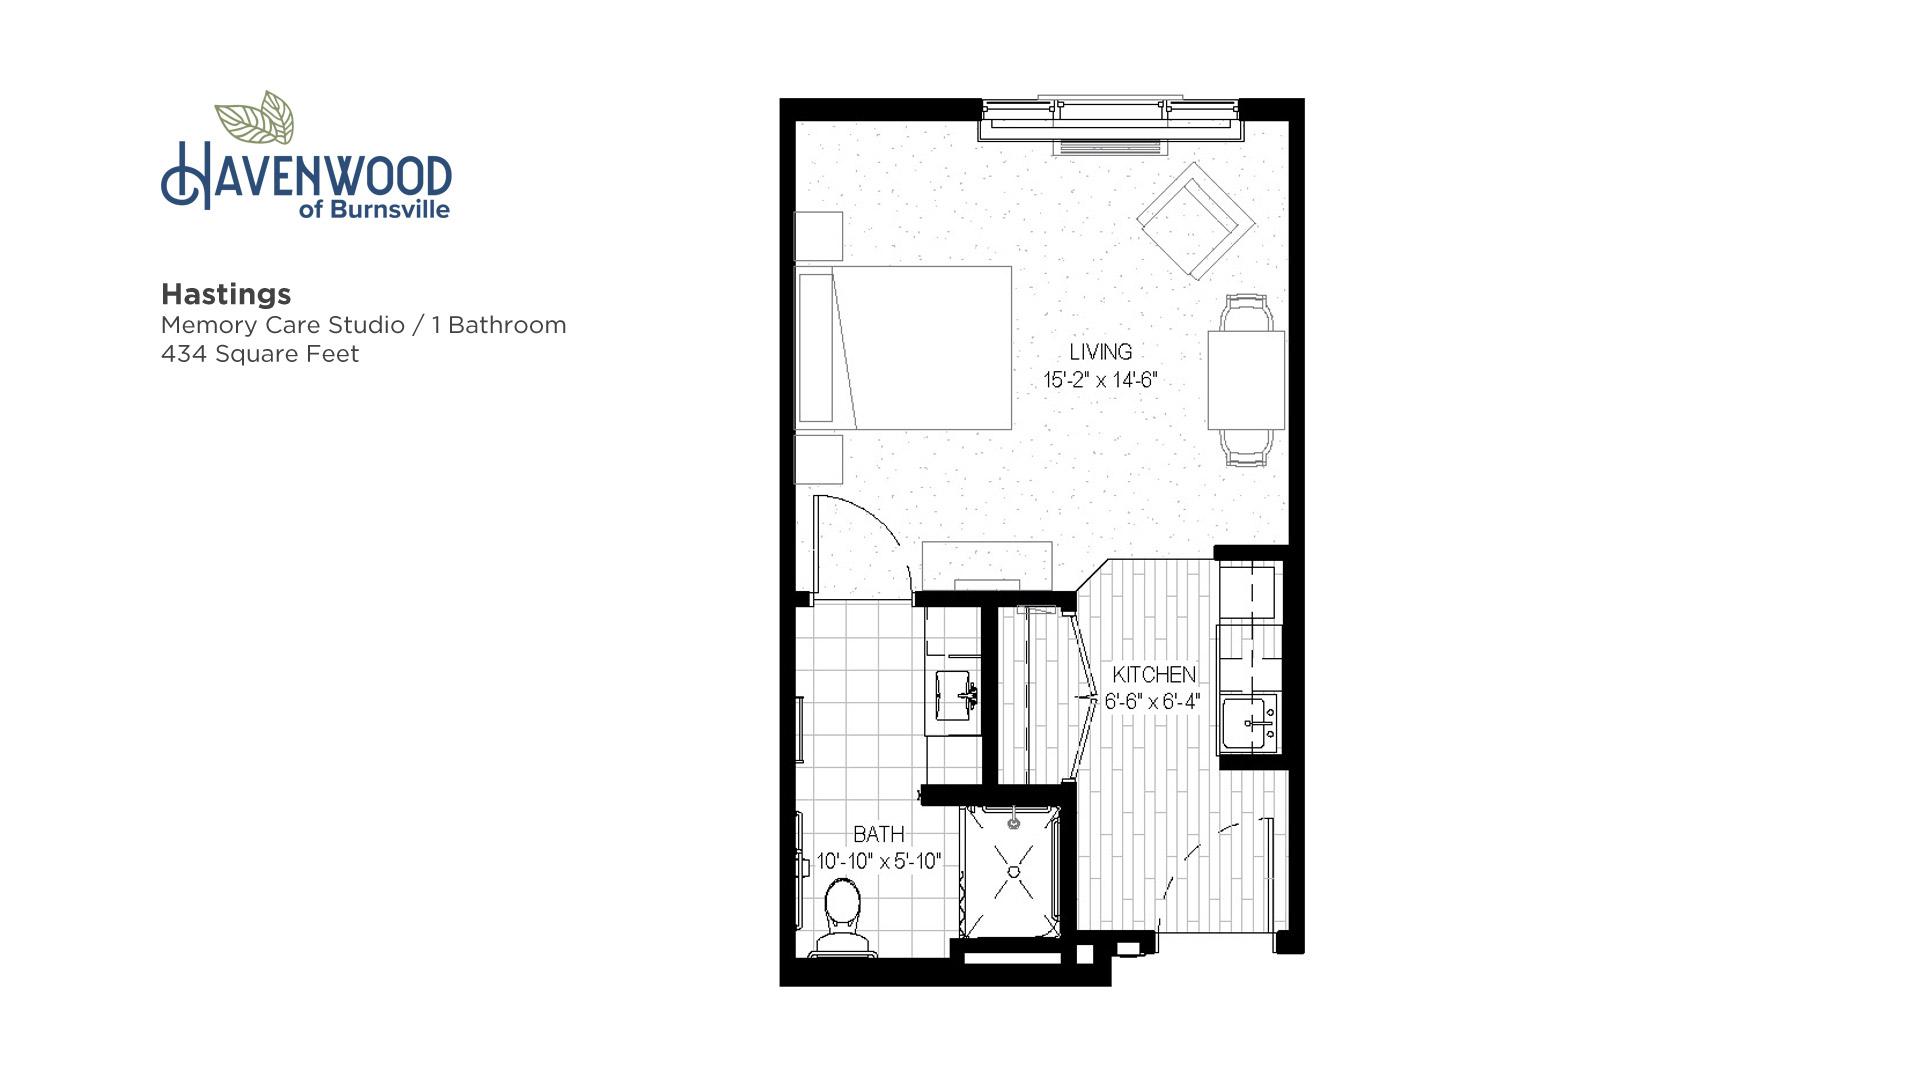 Havenwood of Burnsville Hastings Floor Plan